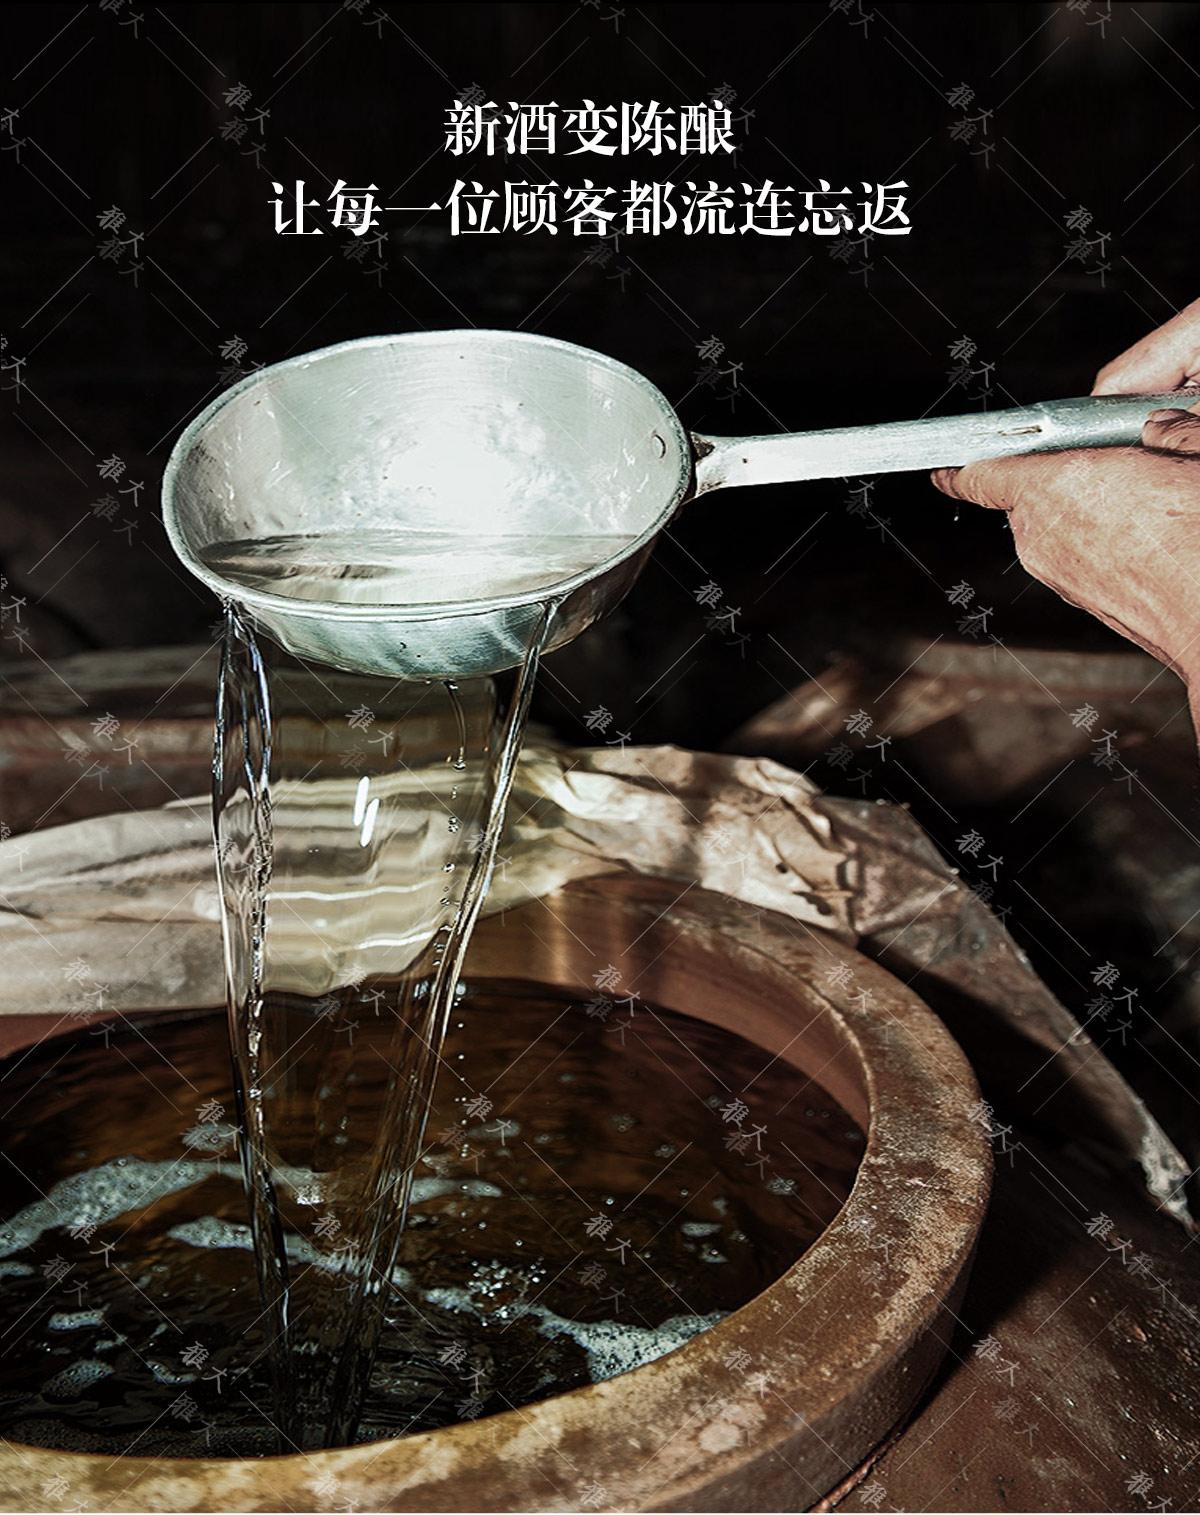 中型催陈机PC_09